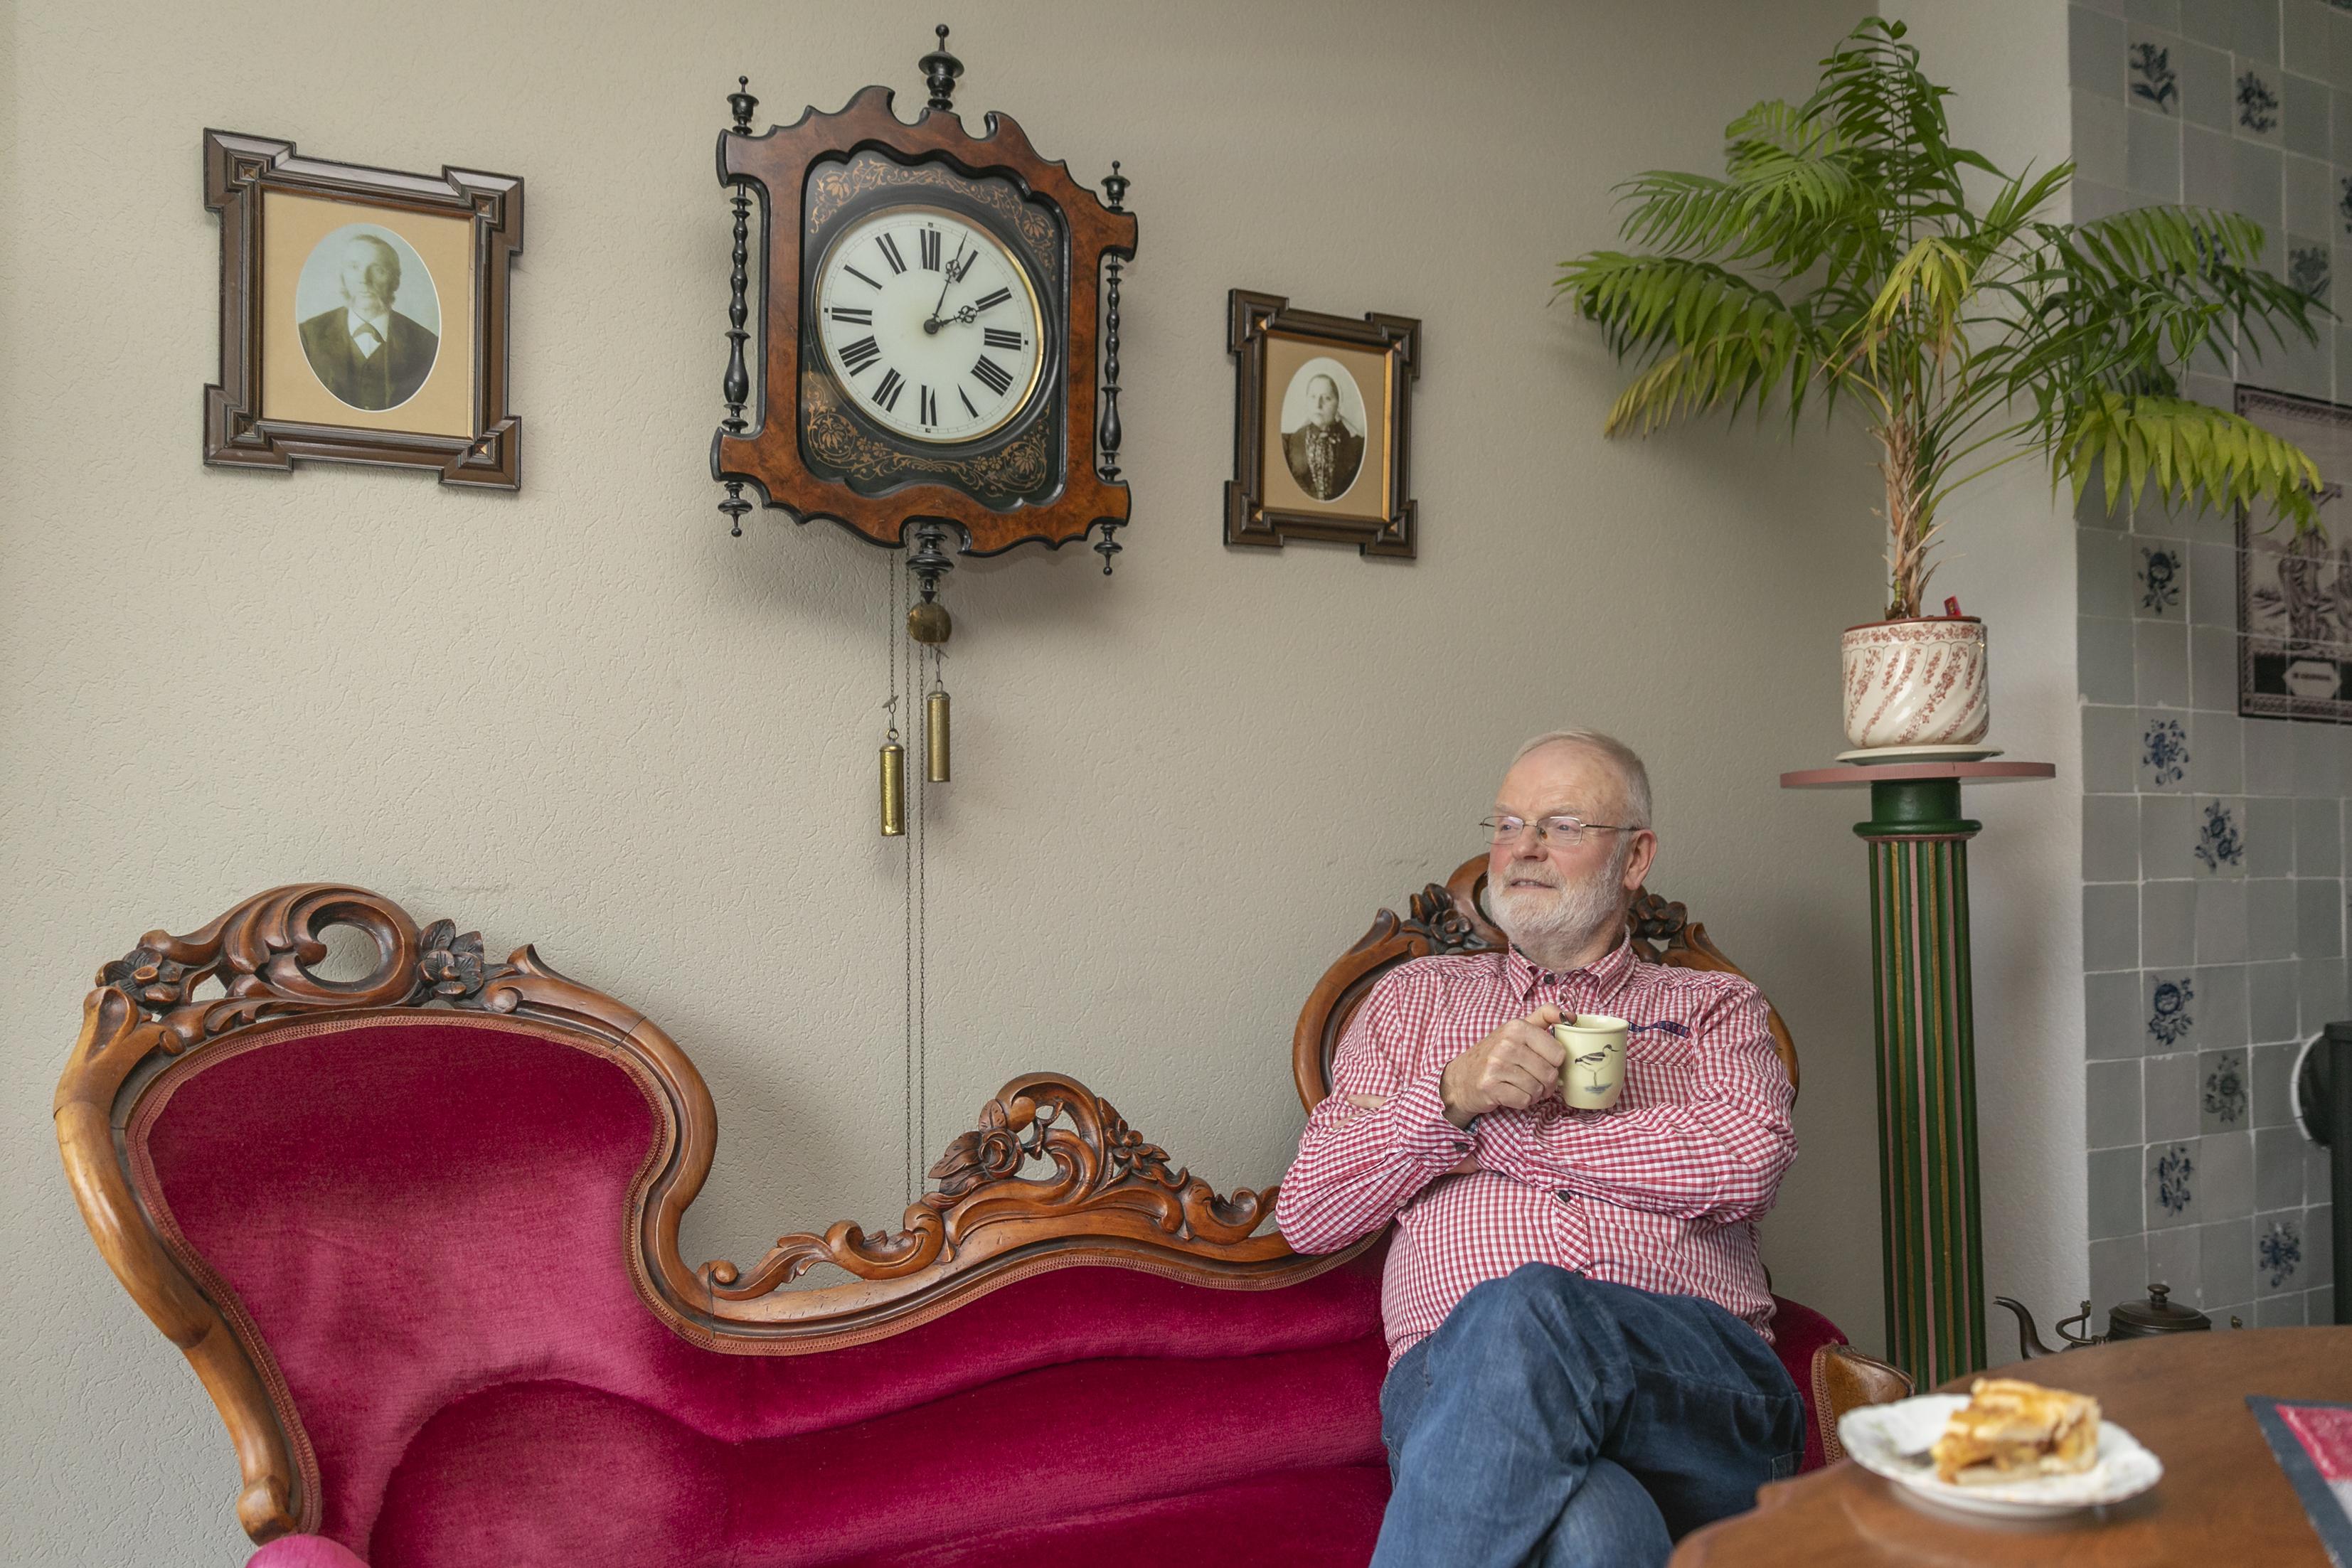 'Ik heb heimwee naar de oude tijd en helemaal niks met deze tijd'. Meester Gerrit Gerrits vertelt graag over vroeger